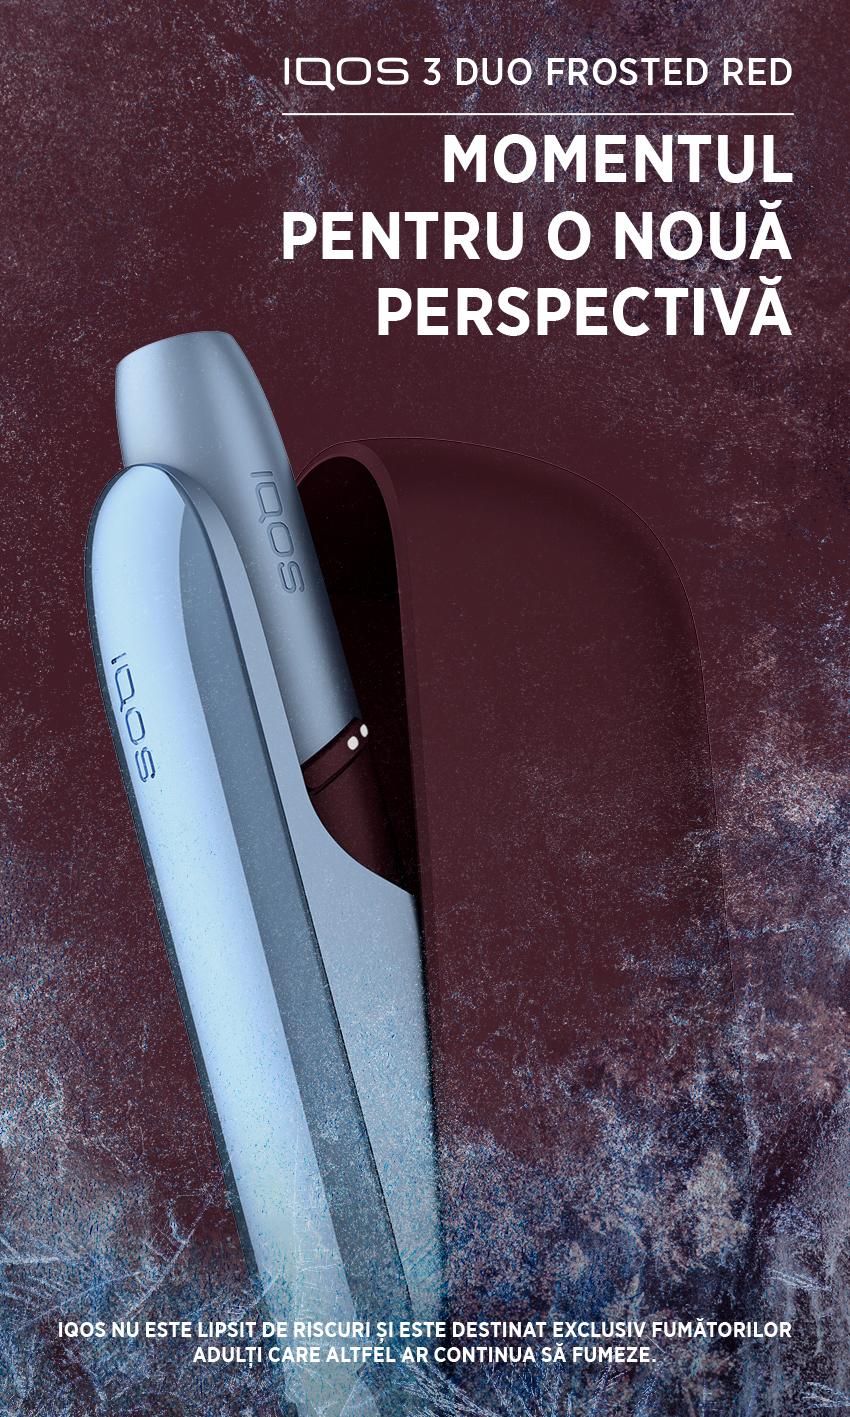 (P) IQOS lansează un nou dispozitiv în ediție limitată, IQOS 3 DUO Frosted Red